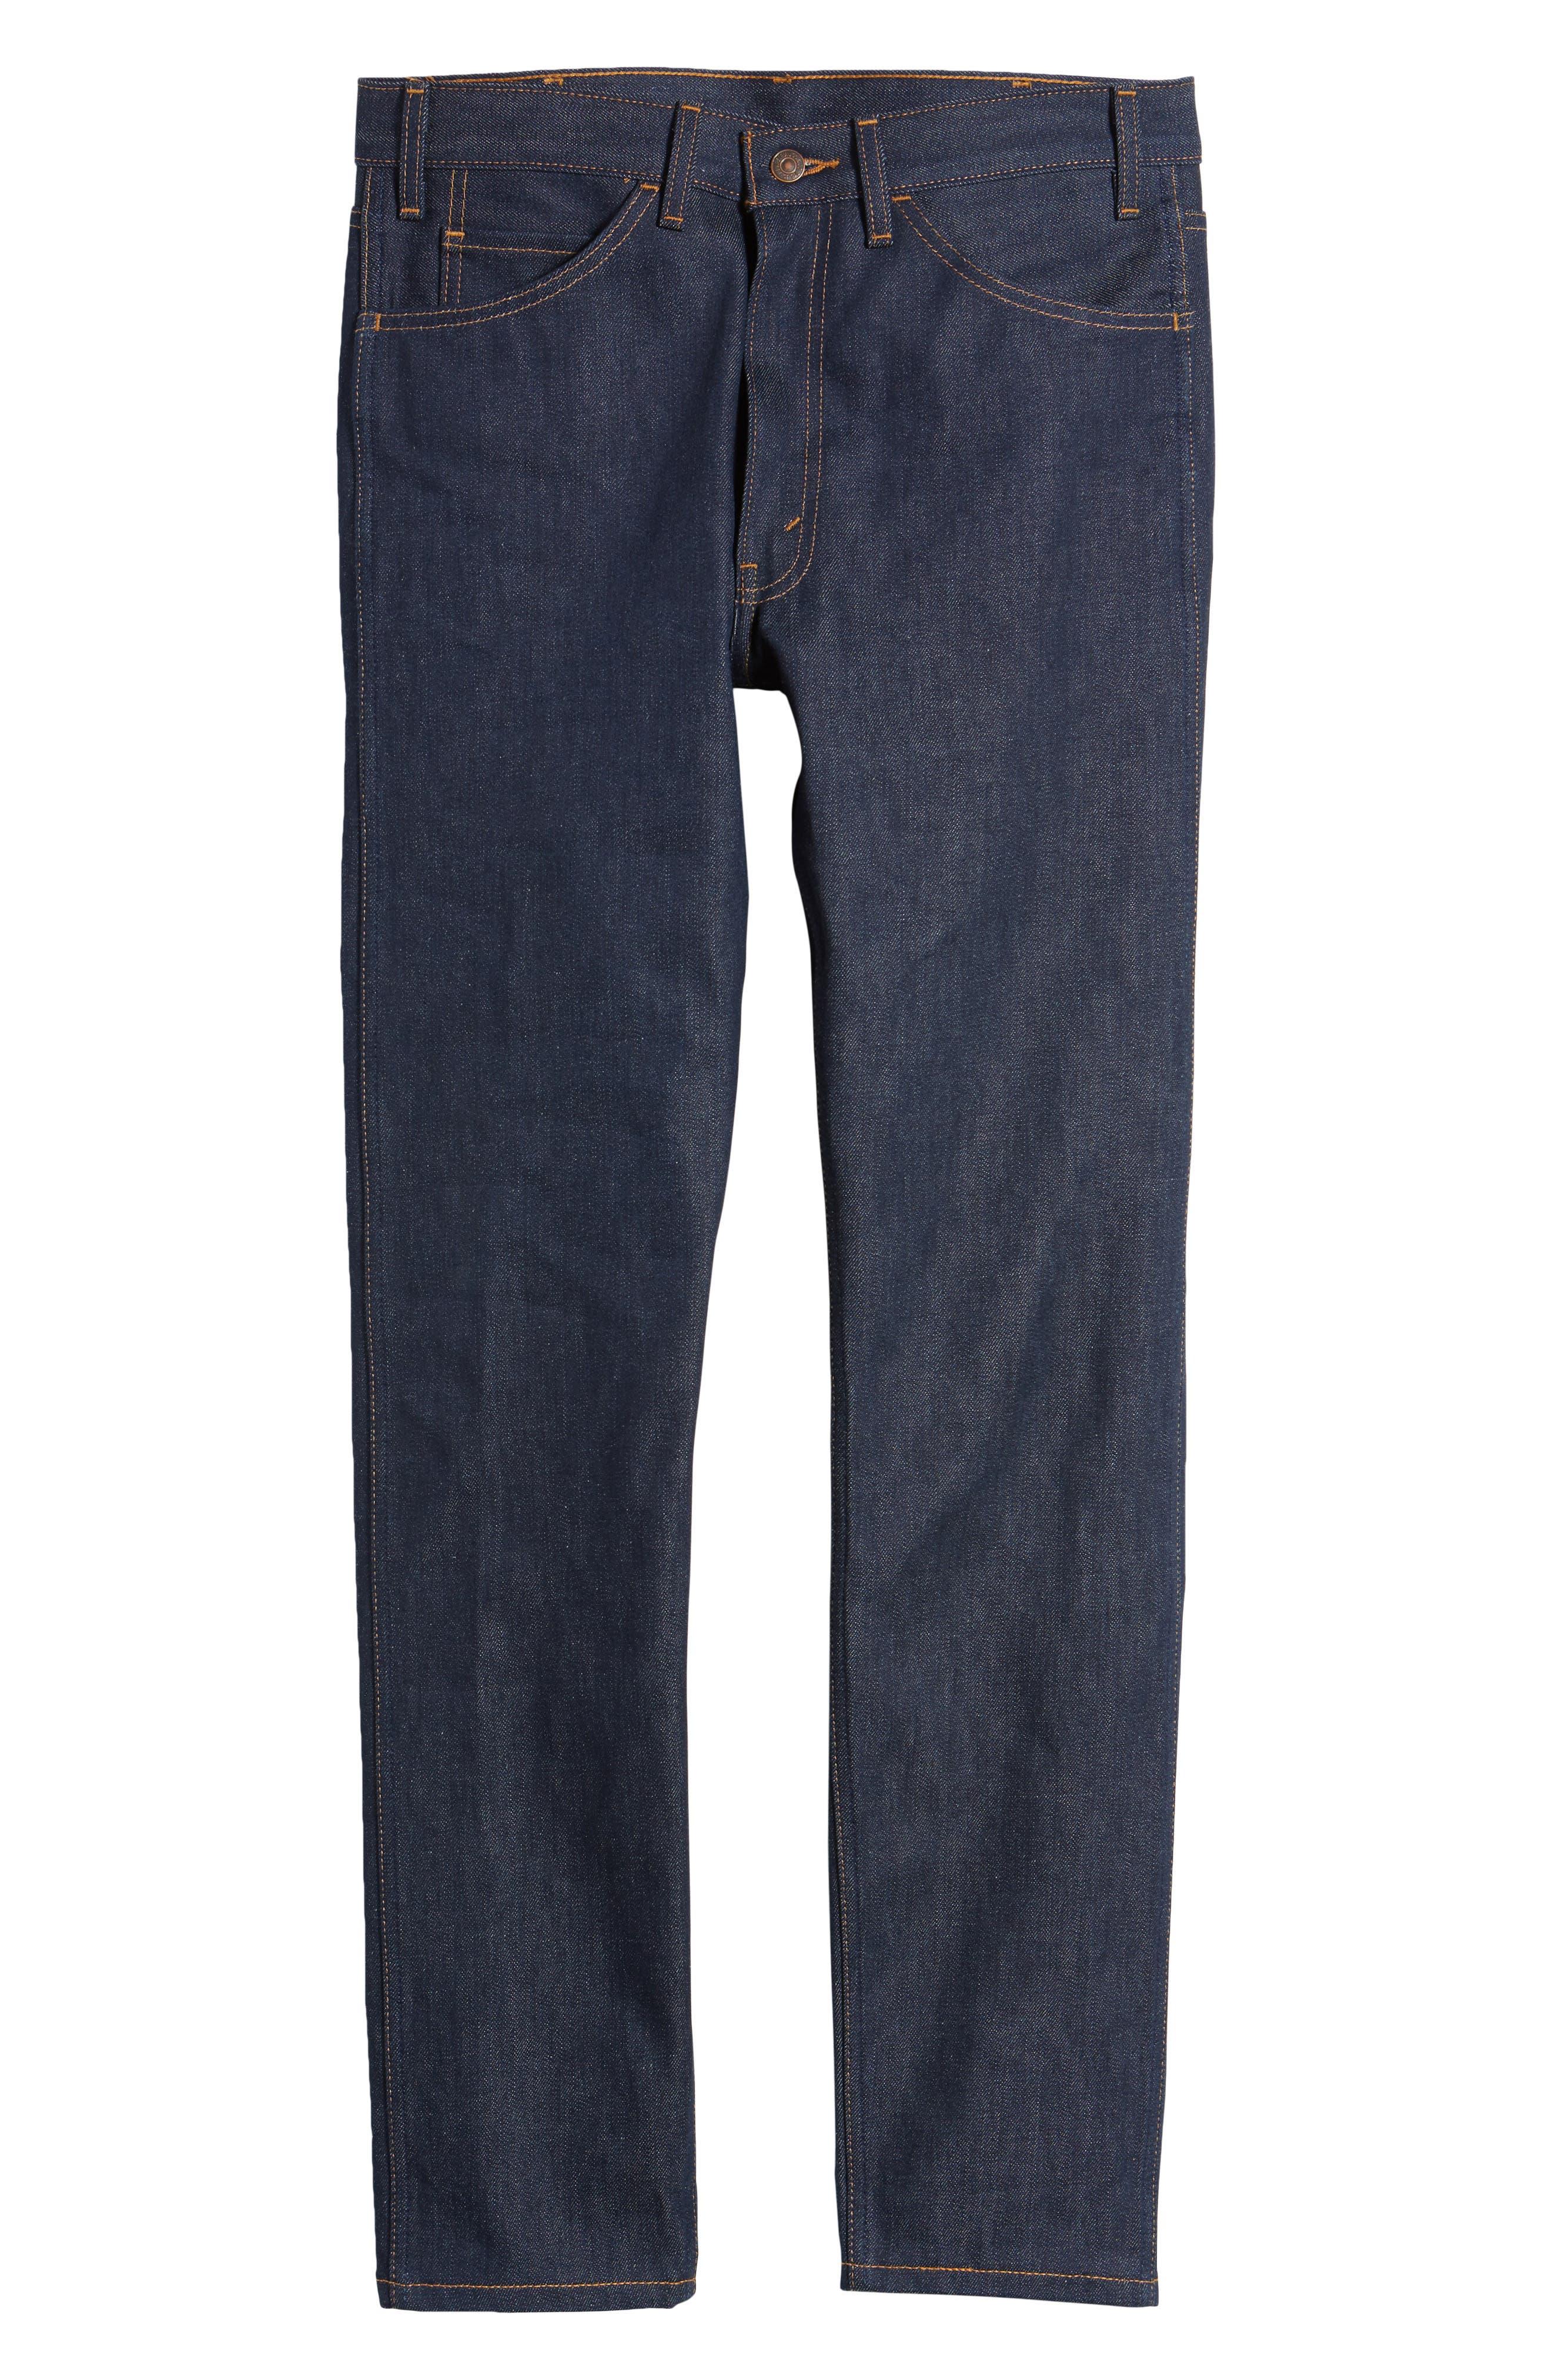 1969 606<sup>™</sup> Slim Fit Jeans,                             Alternate thumbnail 6, color,                             Rigid M8017